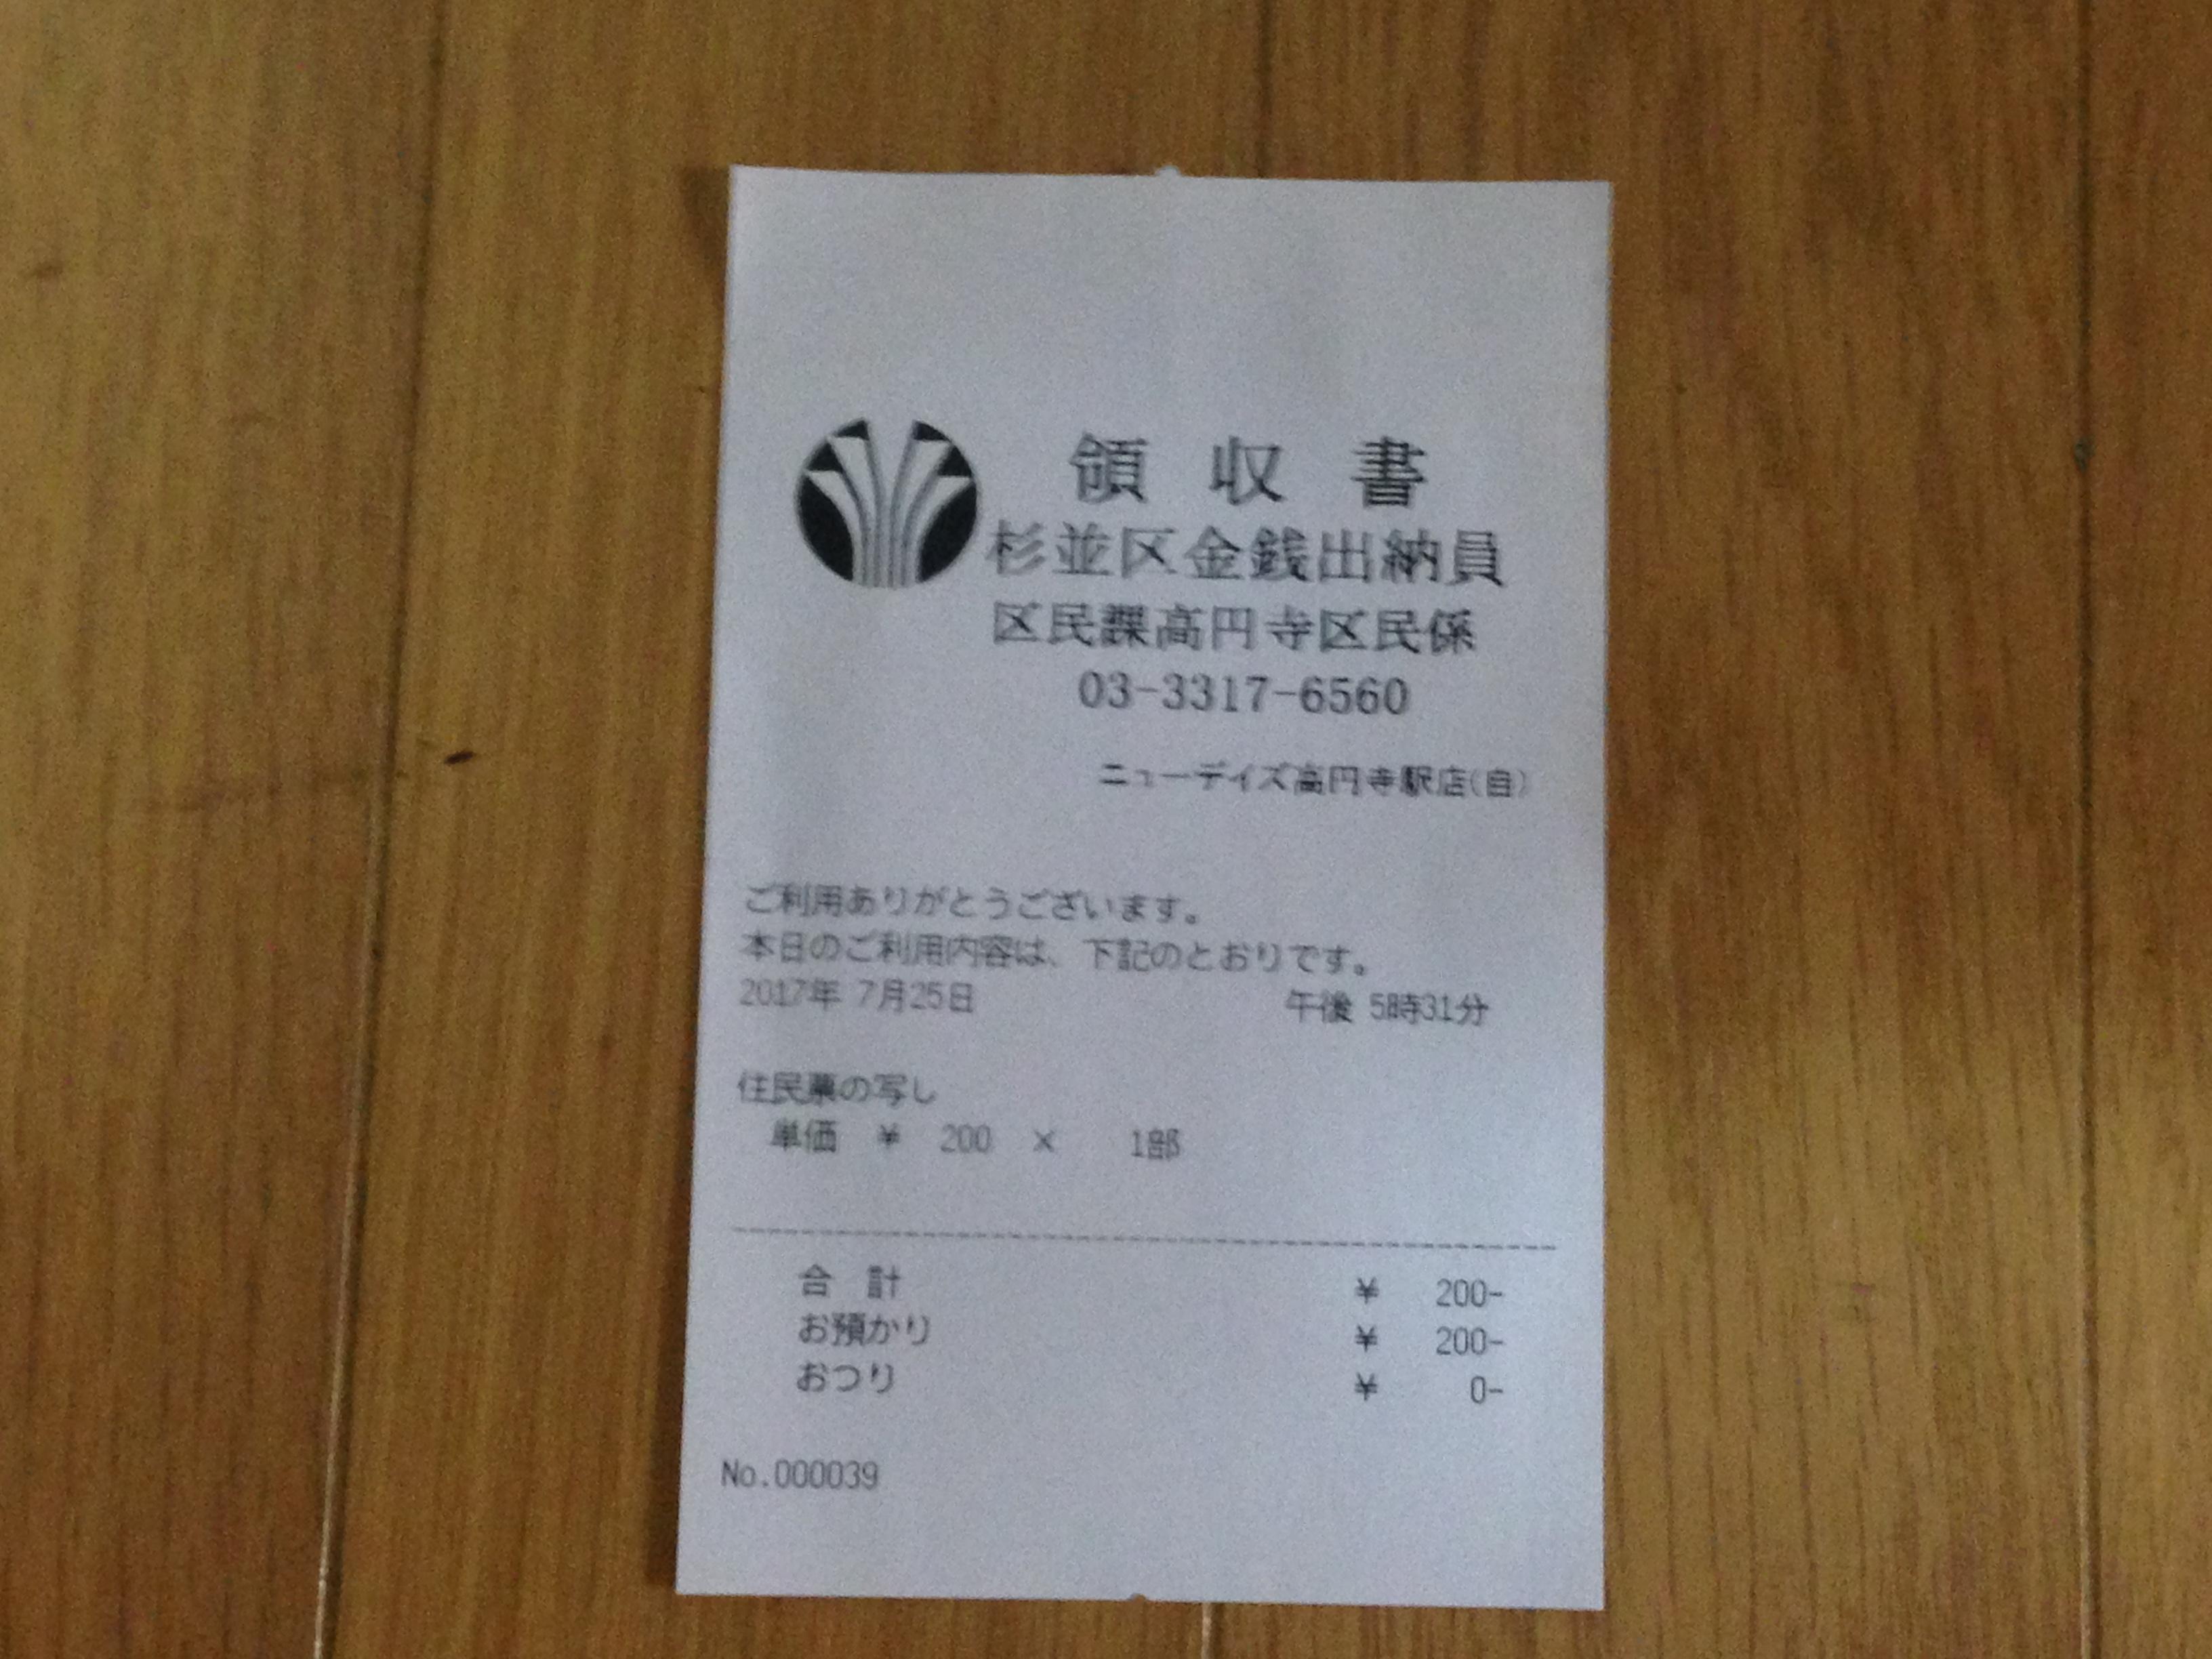 住民票の写し 領収証